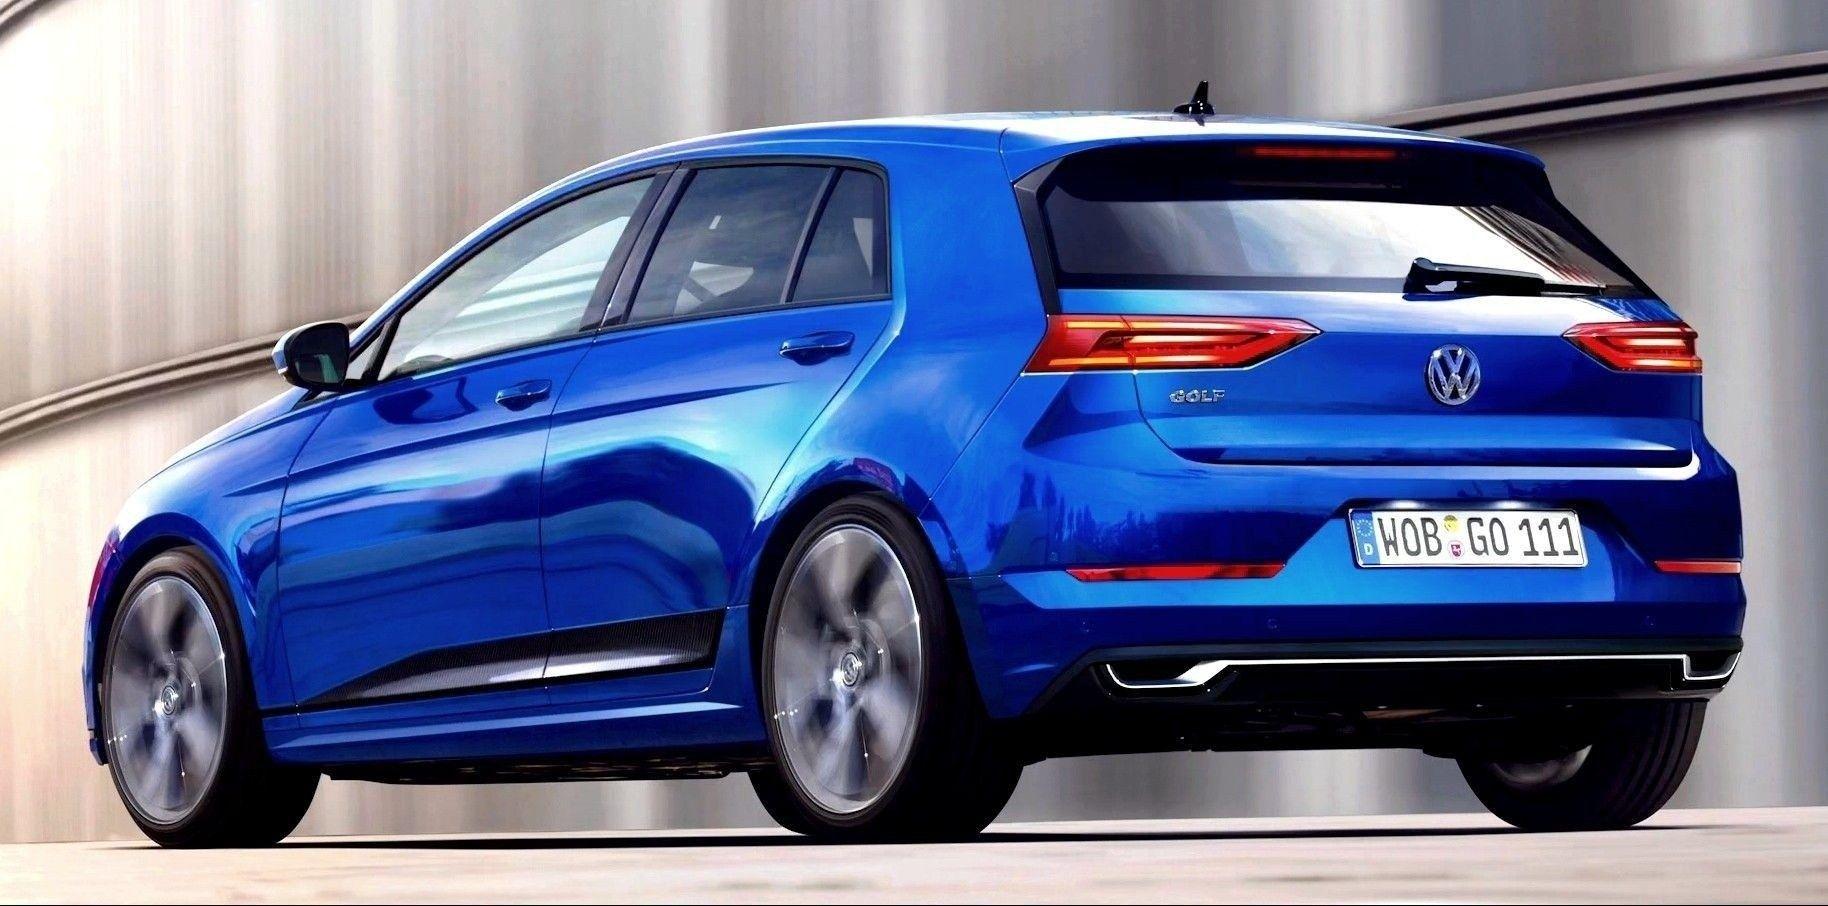 Volkswagen Golf Gtd 2020 Body Style Change Volkswagen Golf